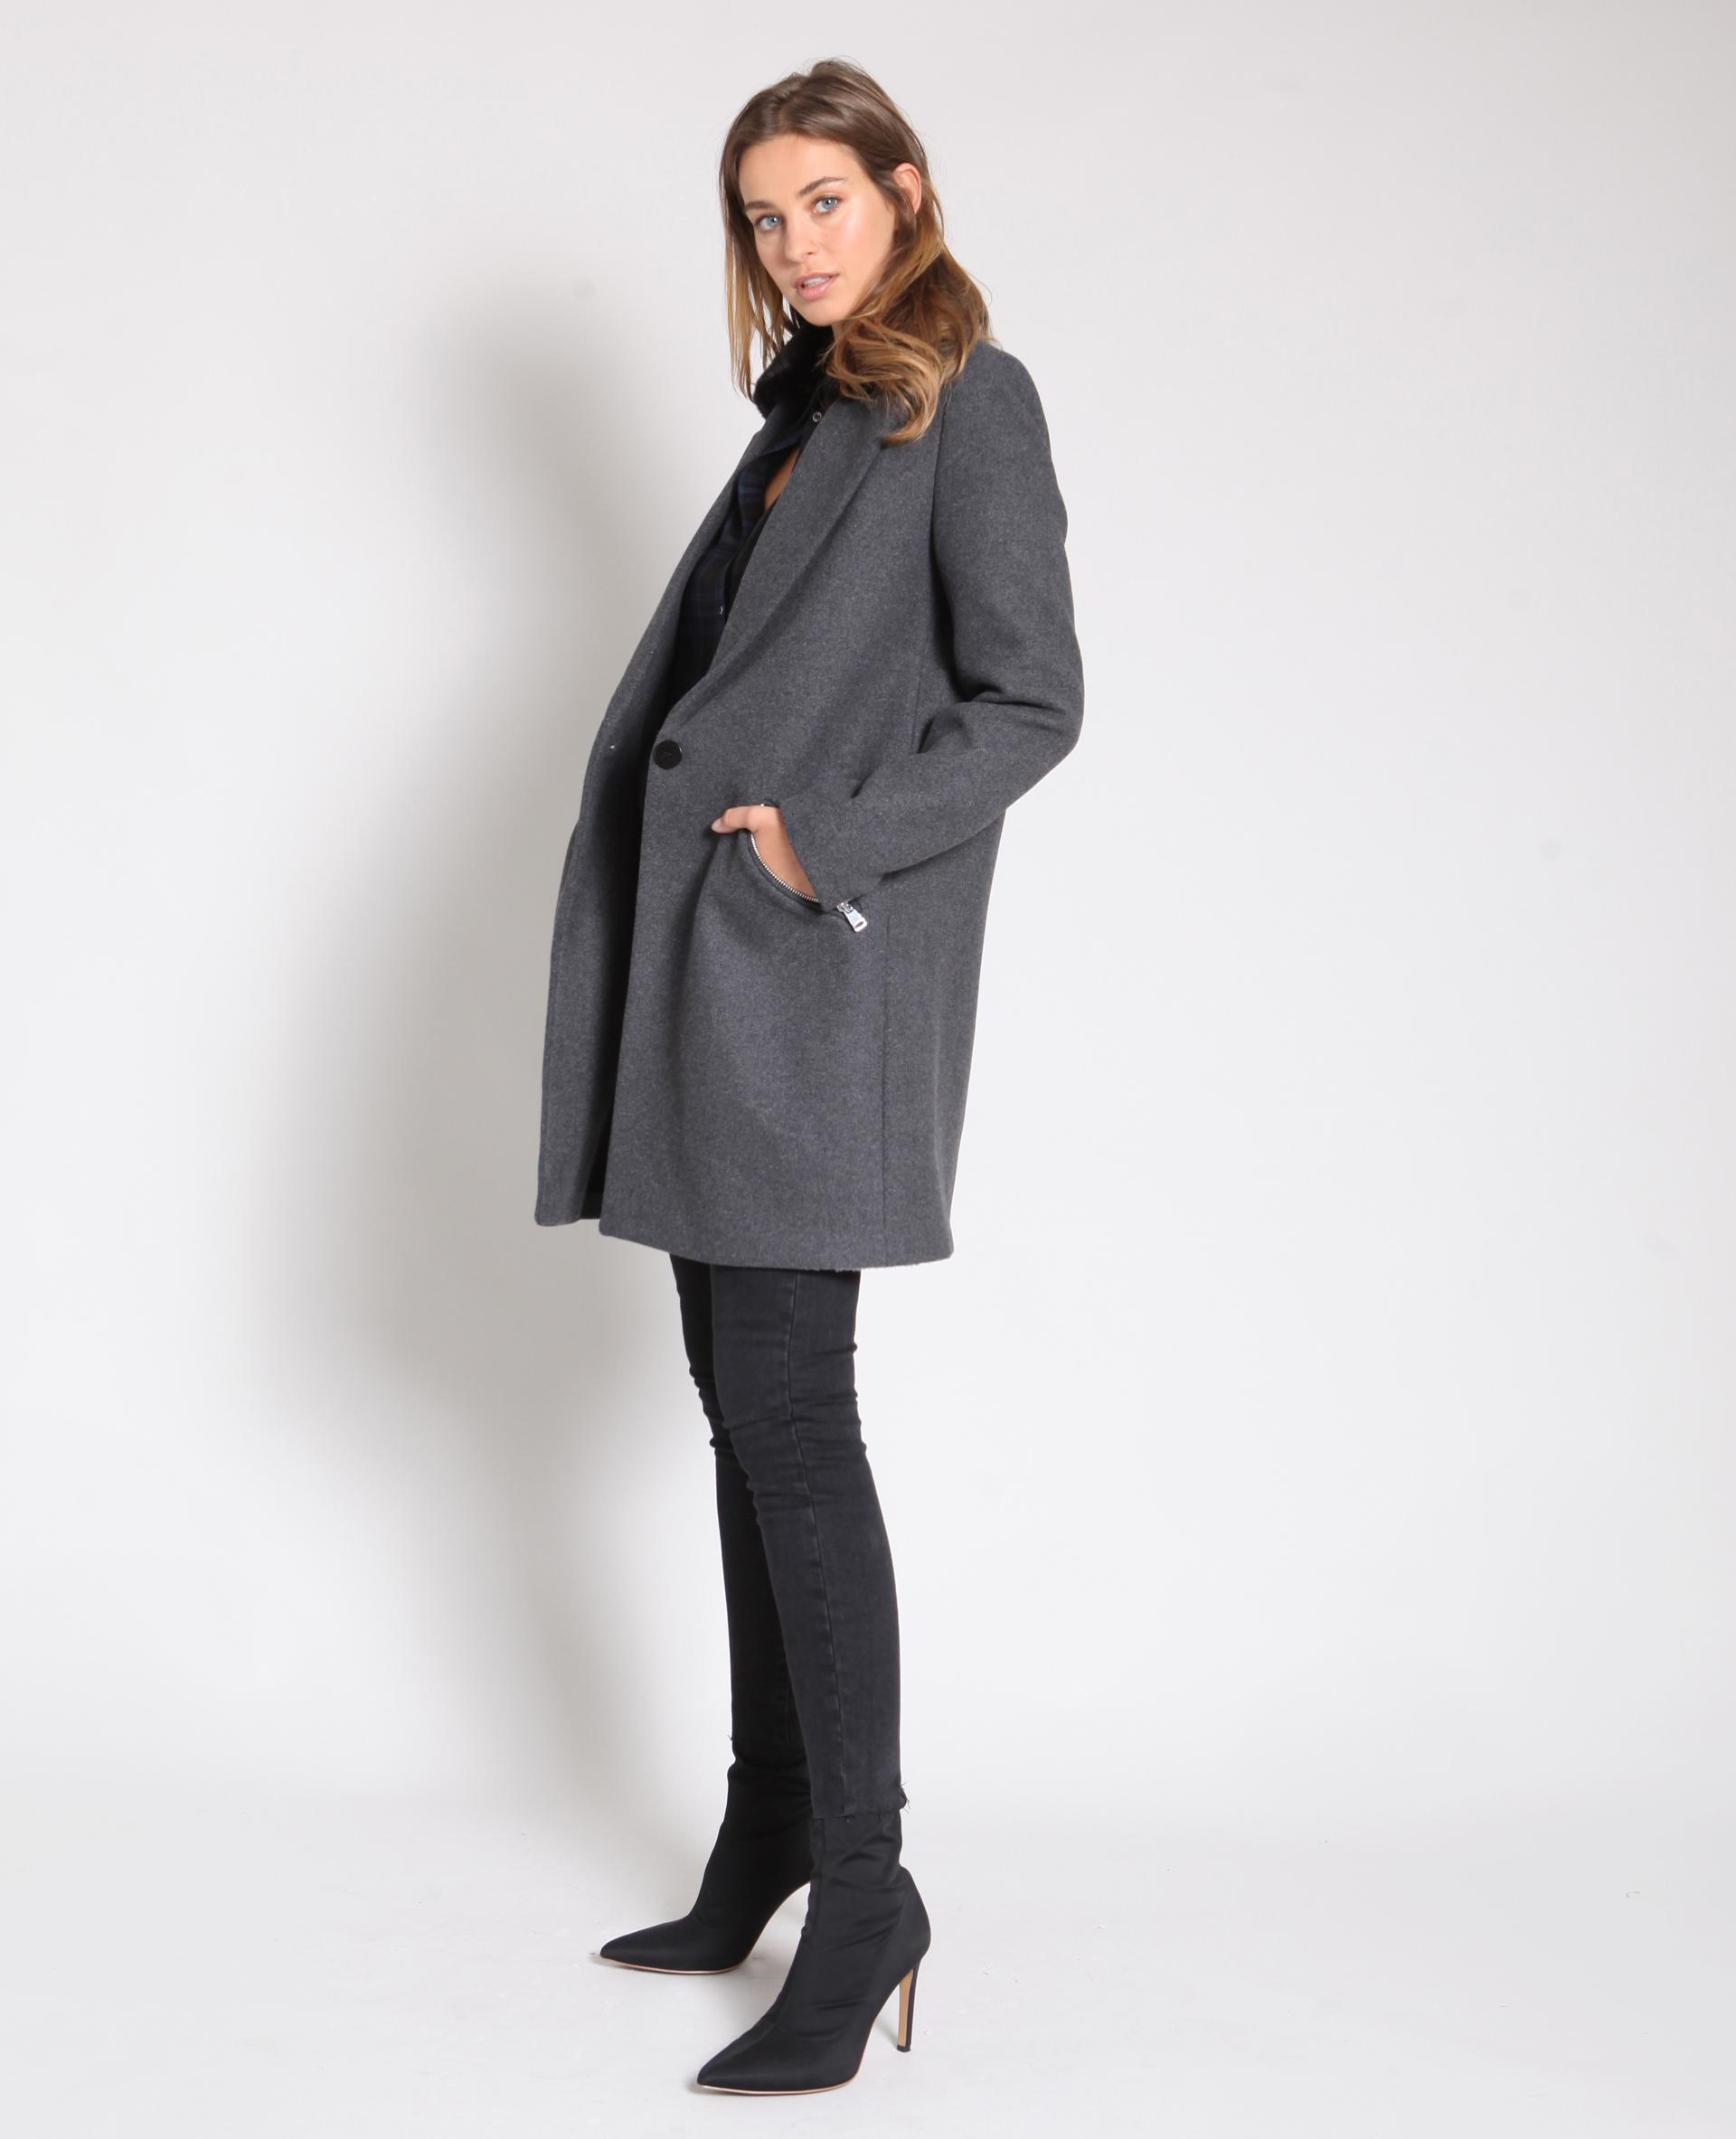 Manteau long gris - Pimkie